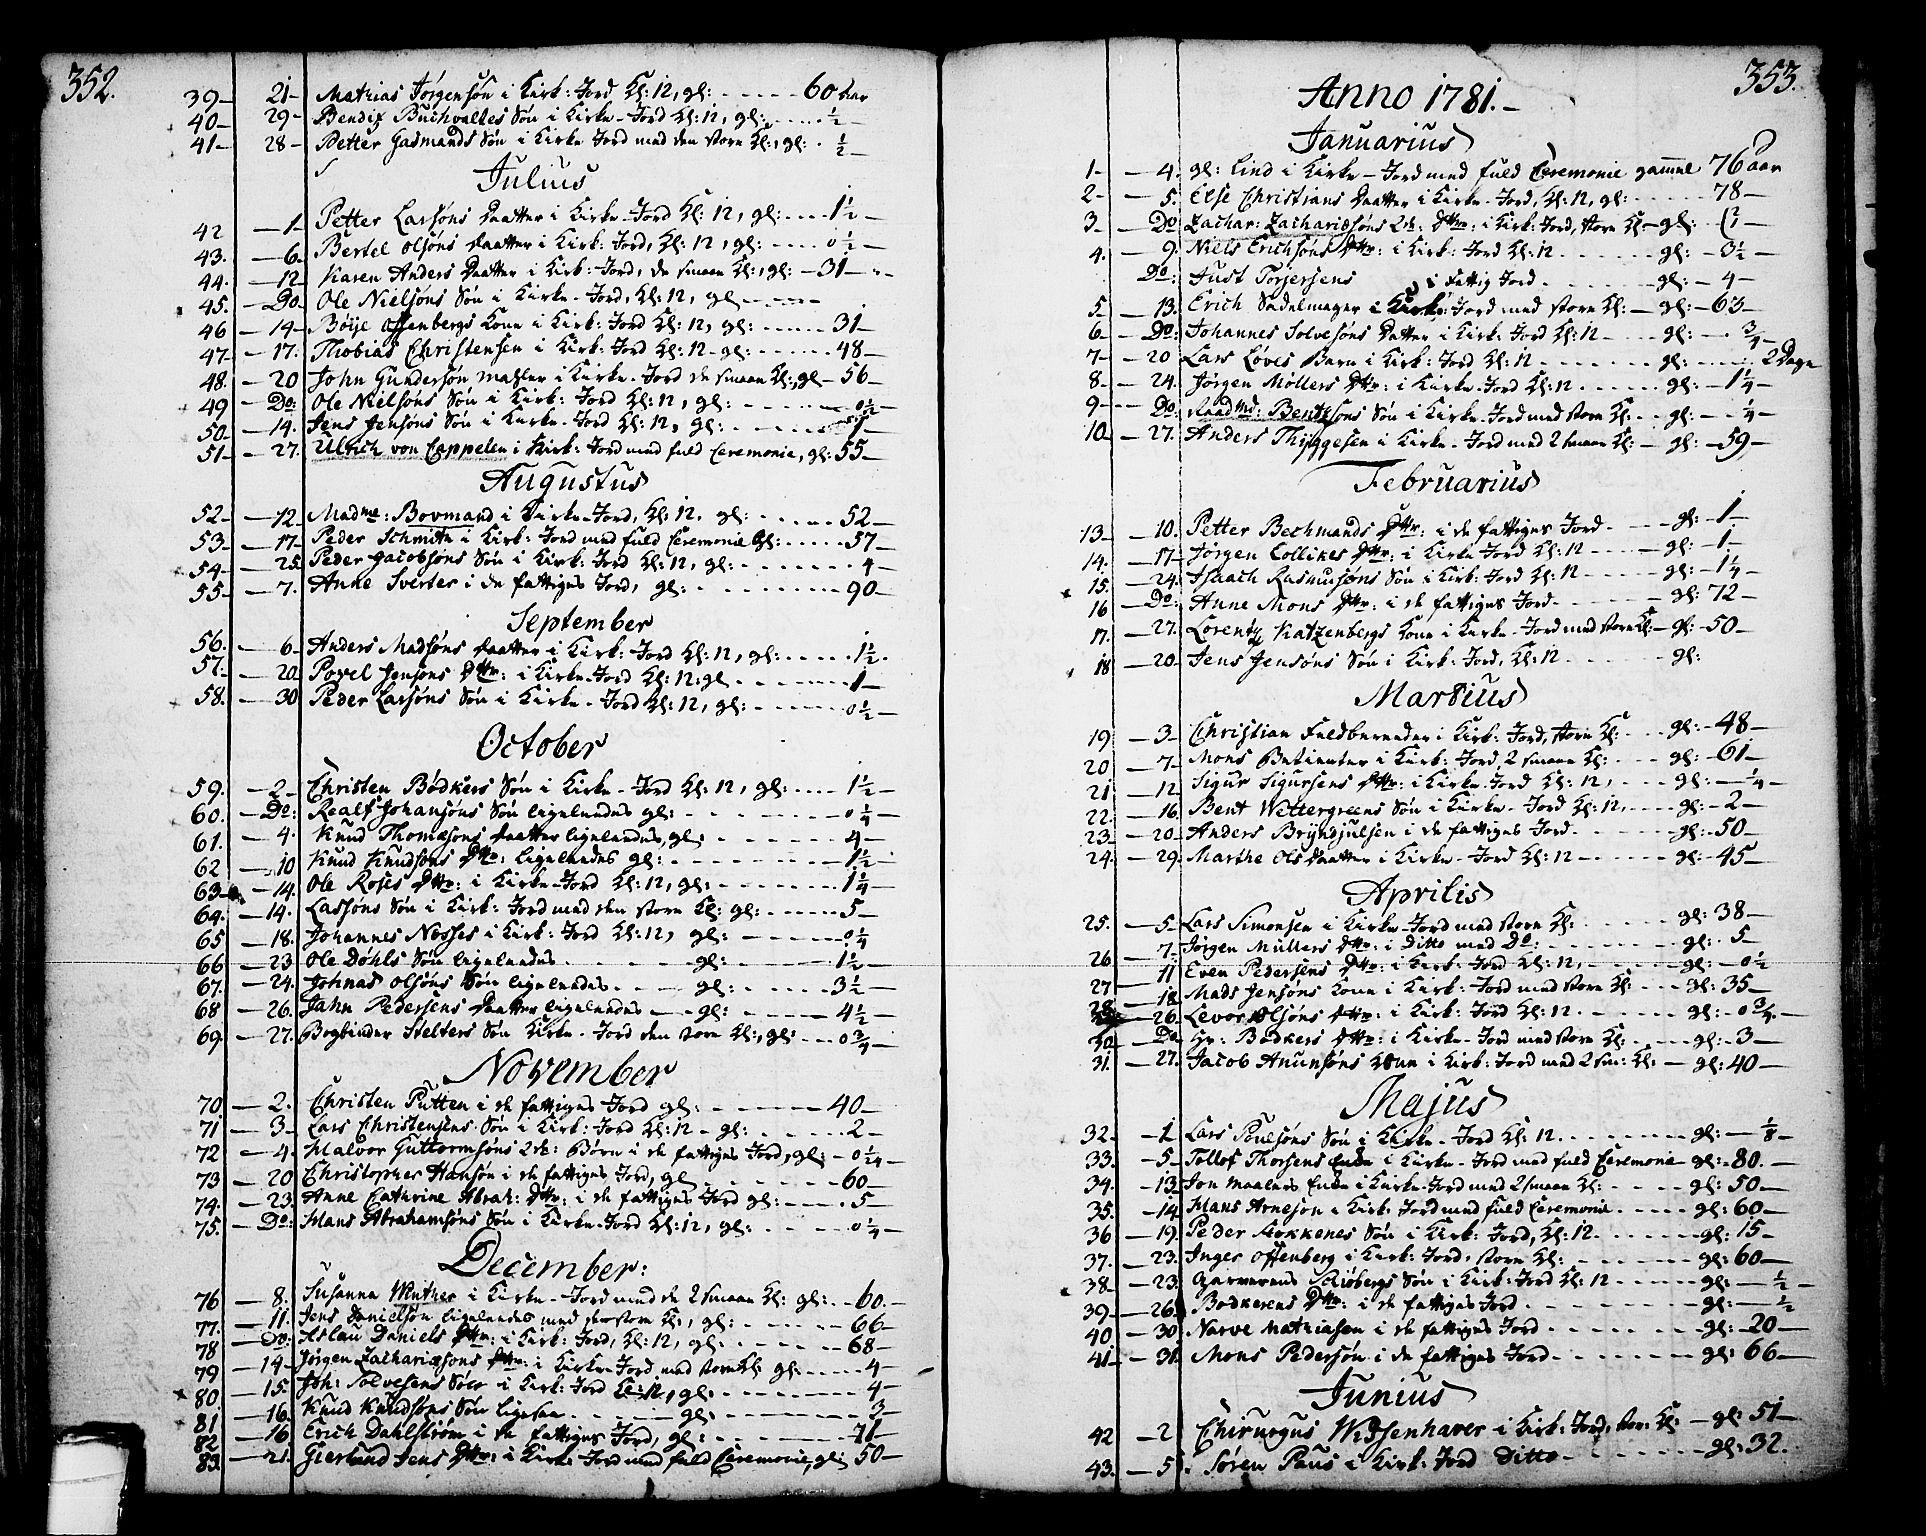 SAKO, Skien kirkebøker, F/Fa/L0003: Ministerialbok nr. 3, 1755-1791, s. 352-353